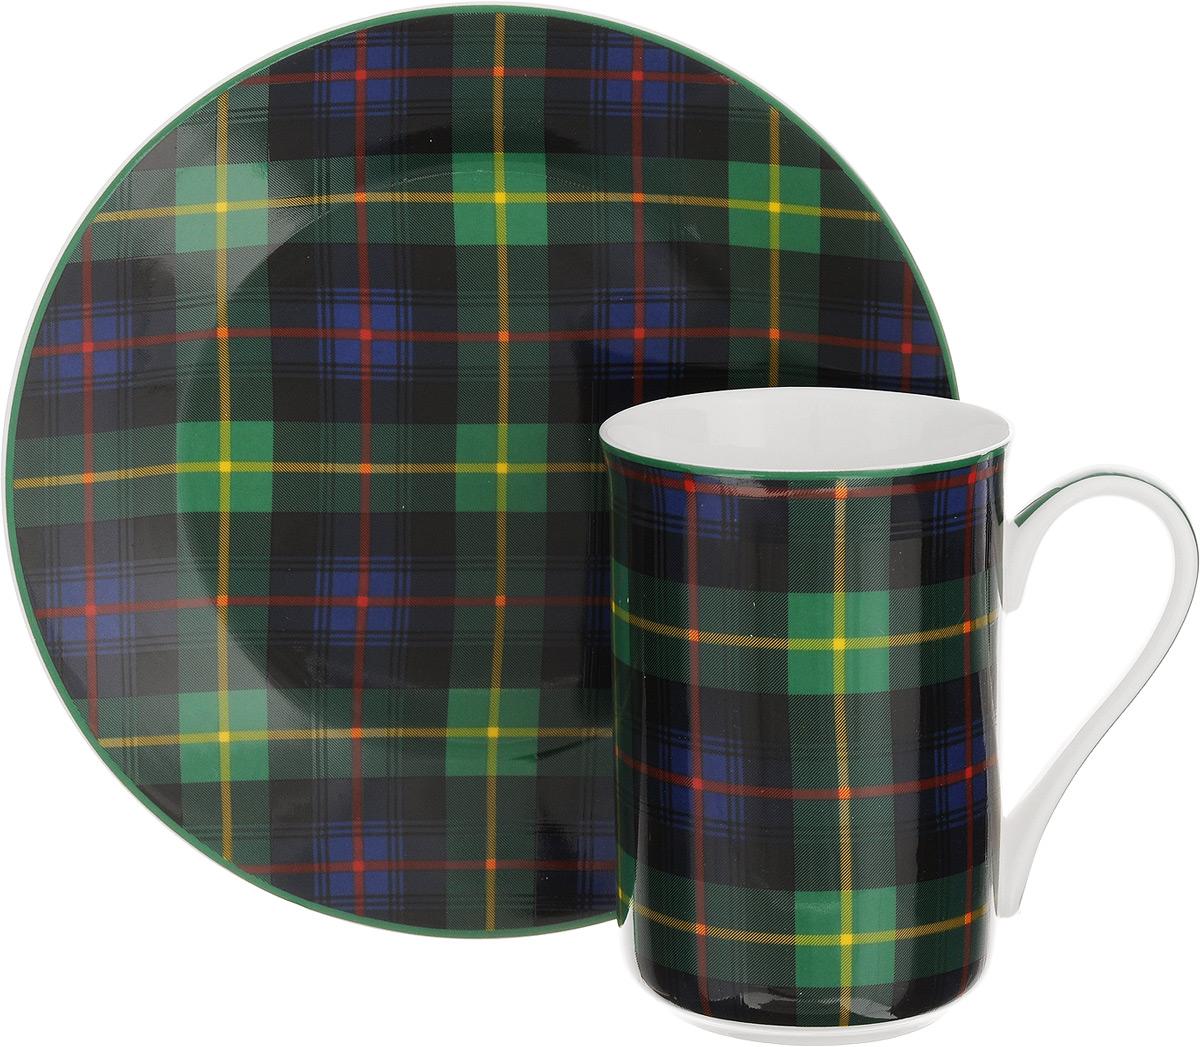 Набор для завтрака Patricia Стиль, 2 предмета. IM52-110054 009312Набор для завтрака Patricia Стиль включает кружку и тарелку. Изделия выполнены из фарфора высокого качества и украшены декором в виде традиционной шотландской клетки. Набор идеально подойдет для сервировки завтрака для одной персоны. Такой набор не только порадует своей практичностью, но и станет приятным сувениром для ваших близких. А оригинальное оформление посуды добавит ярких эмоций.Набор упакован в подарочную коробку, задрапированную белой атласной тканью. Не рекомендуется мыть в посудомоечной машине и использовать в микроволновой печи. Объем кружки: 370 мл. Диаметр кружки (по верхнему краю): 7,5 см. Высота кружки: 11 см. Диаметр тарелки: 19 см.